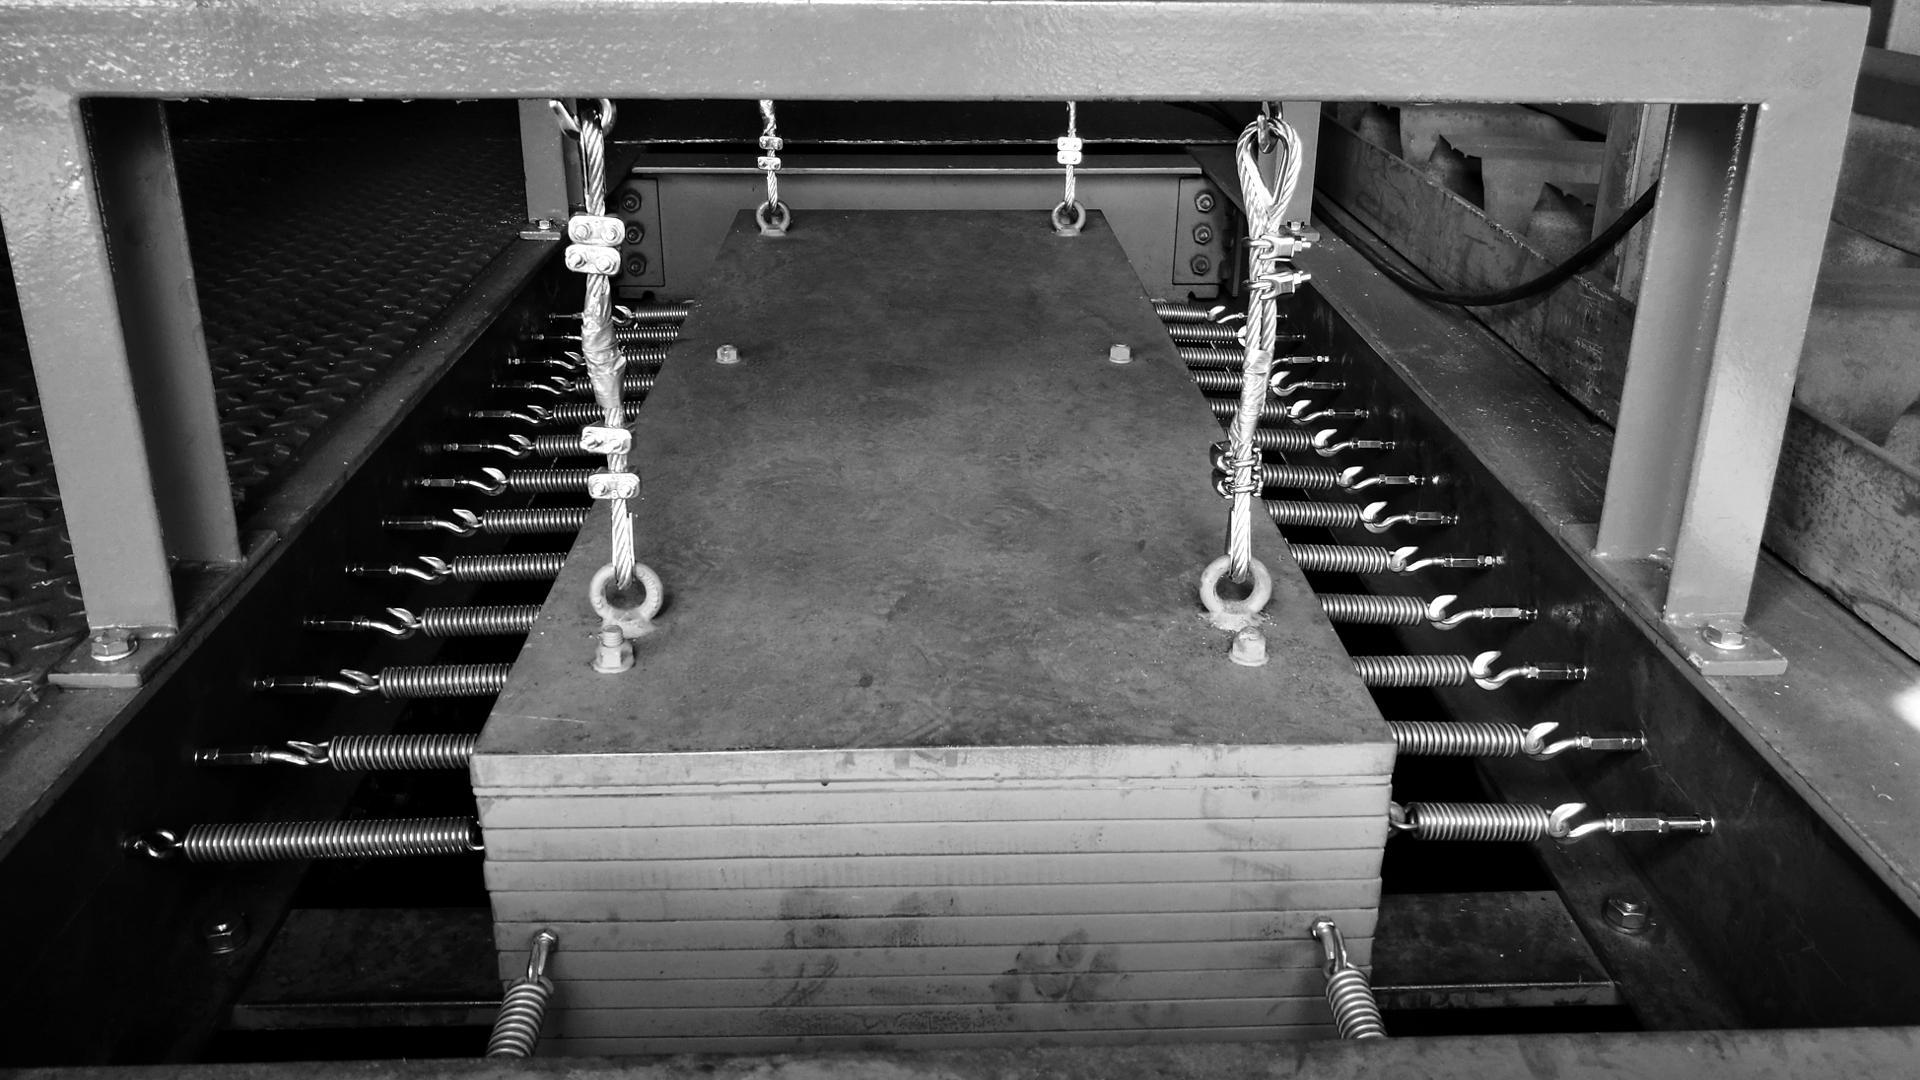 Schwingungstilger auf schwingungsanfälligem Stahlbau